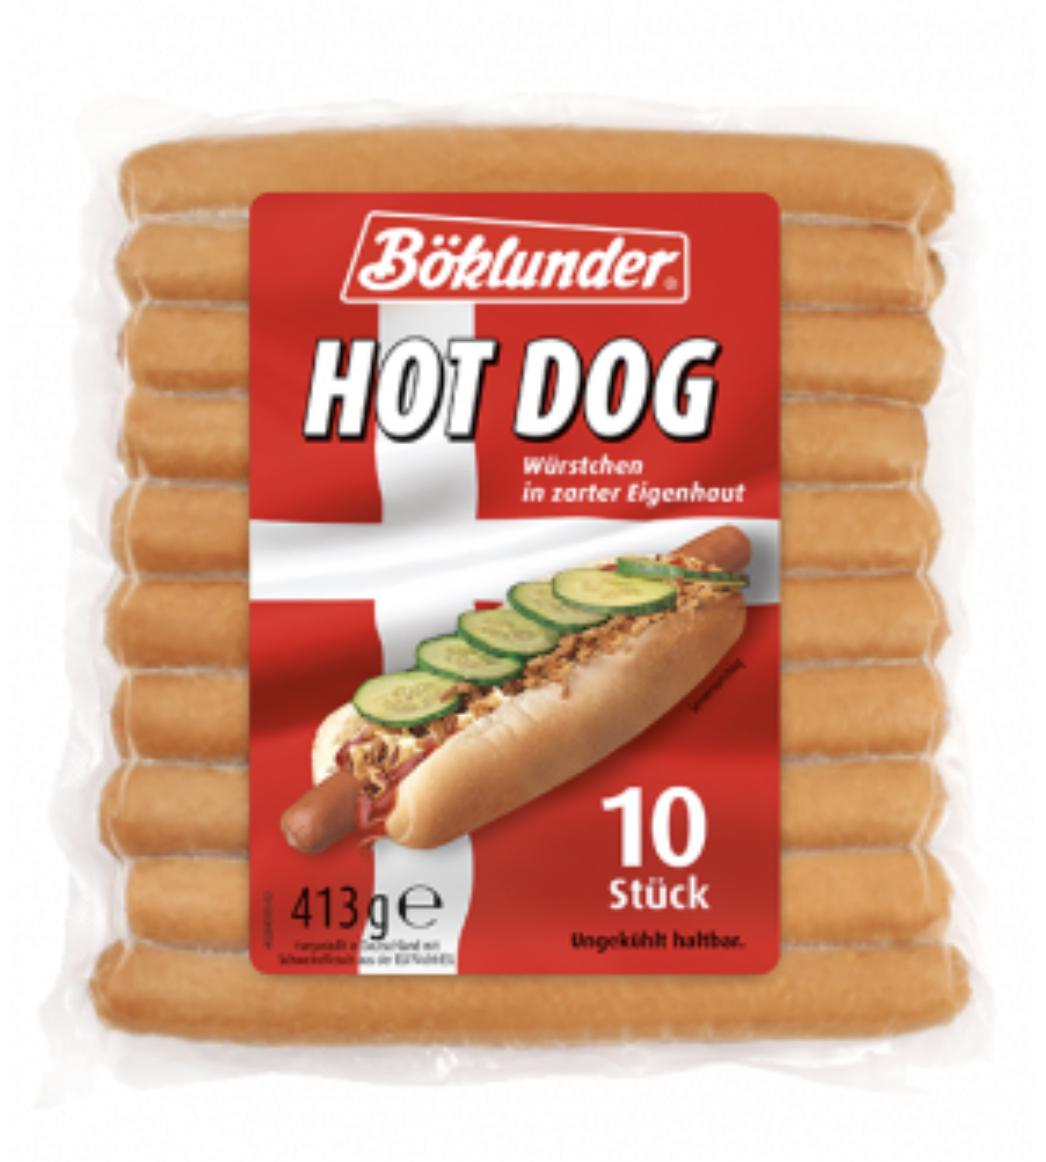 Dänische Hot Dog Würstchen 413g